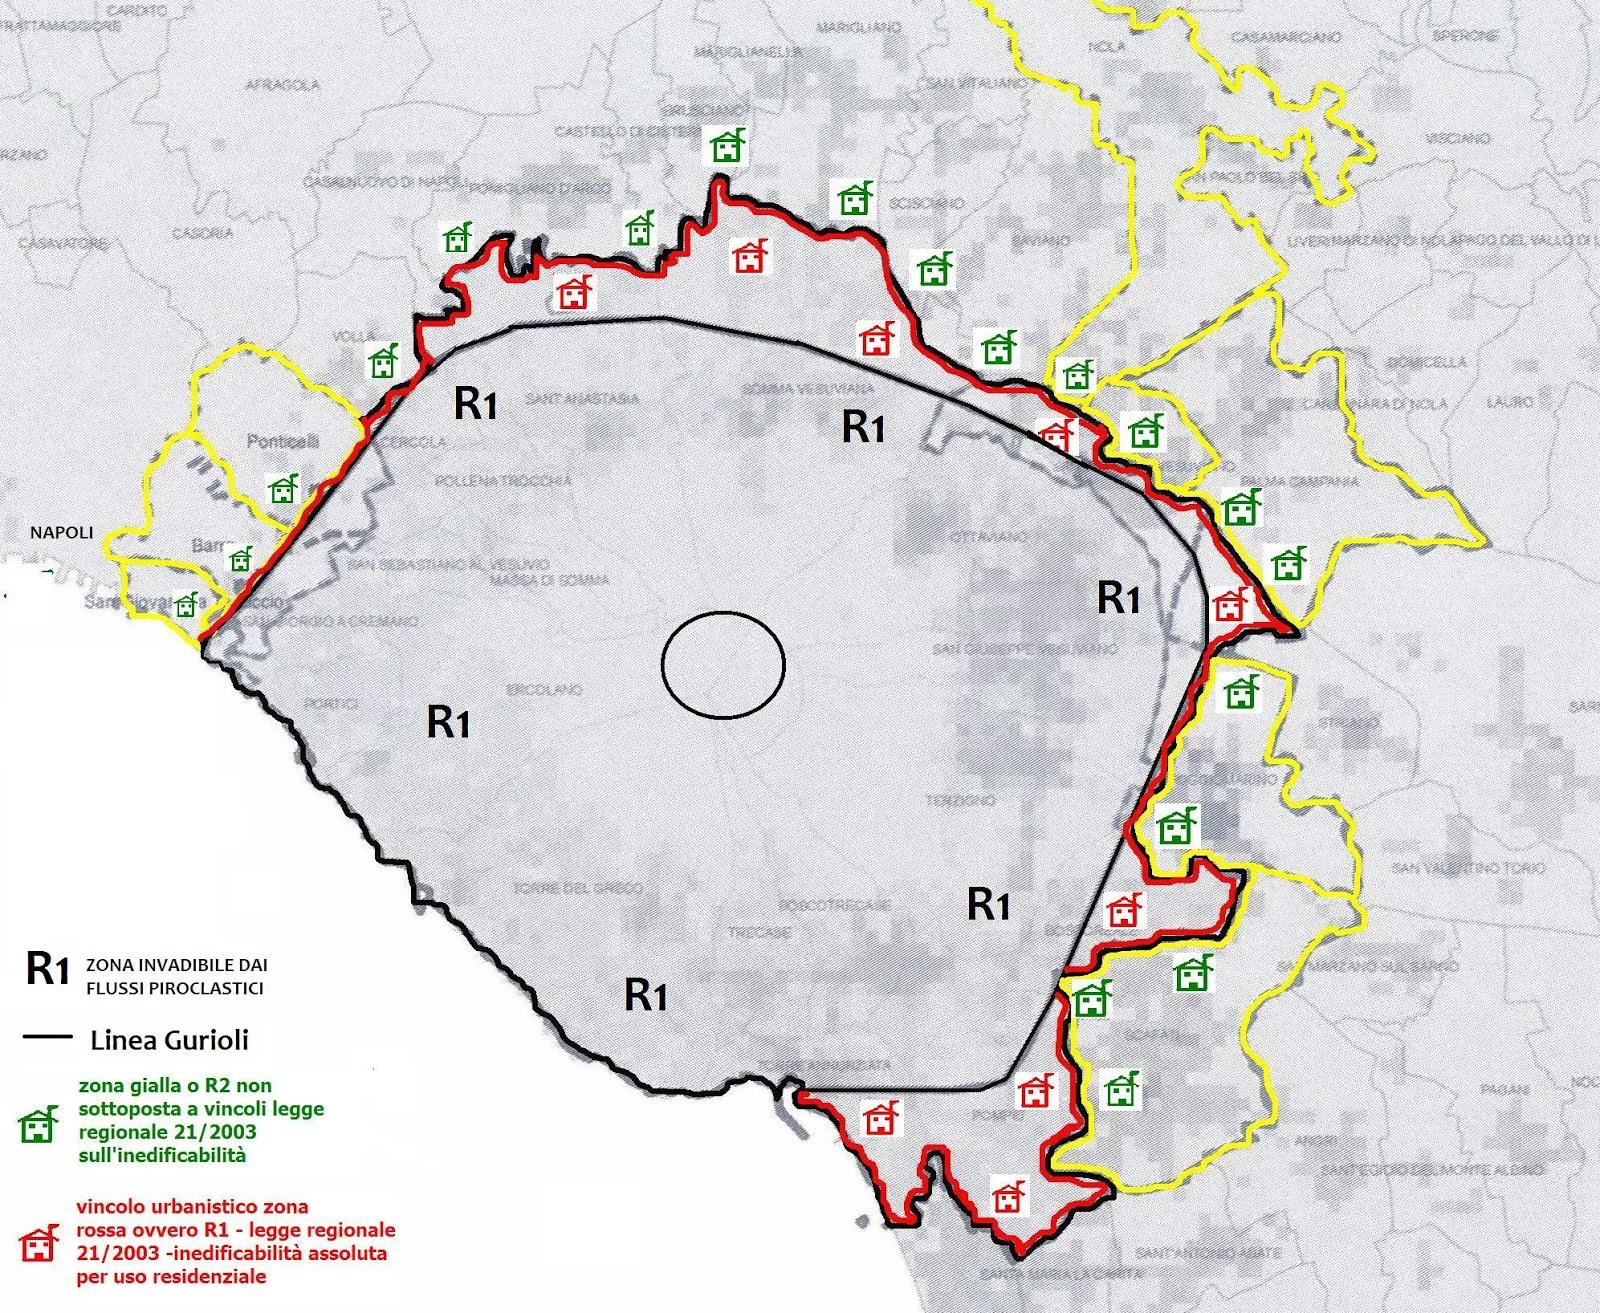 Il Vesuvio accerchiato dalla conurbazione. La zona d'inedificabilità assoluta potrebbe rimanere, in assenza d'interventi legislativi, la sola zona R1